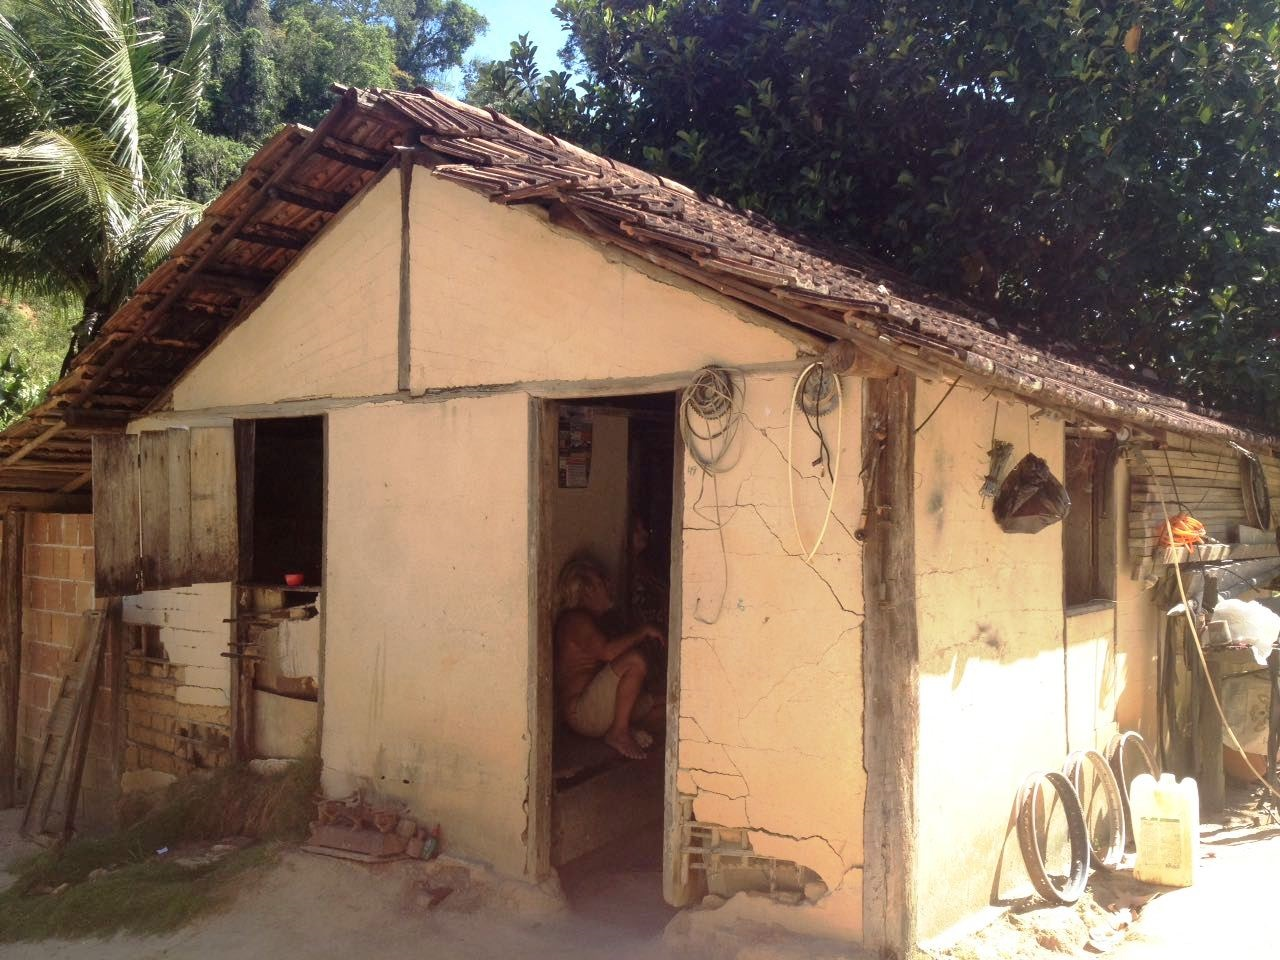 cerca de famlias foram com reformas ampliaes e construes de novas casas em